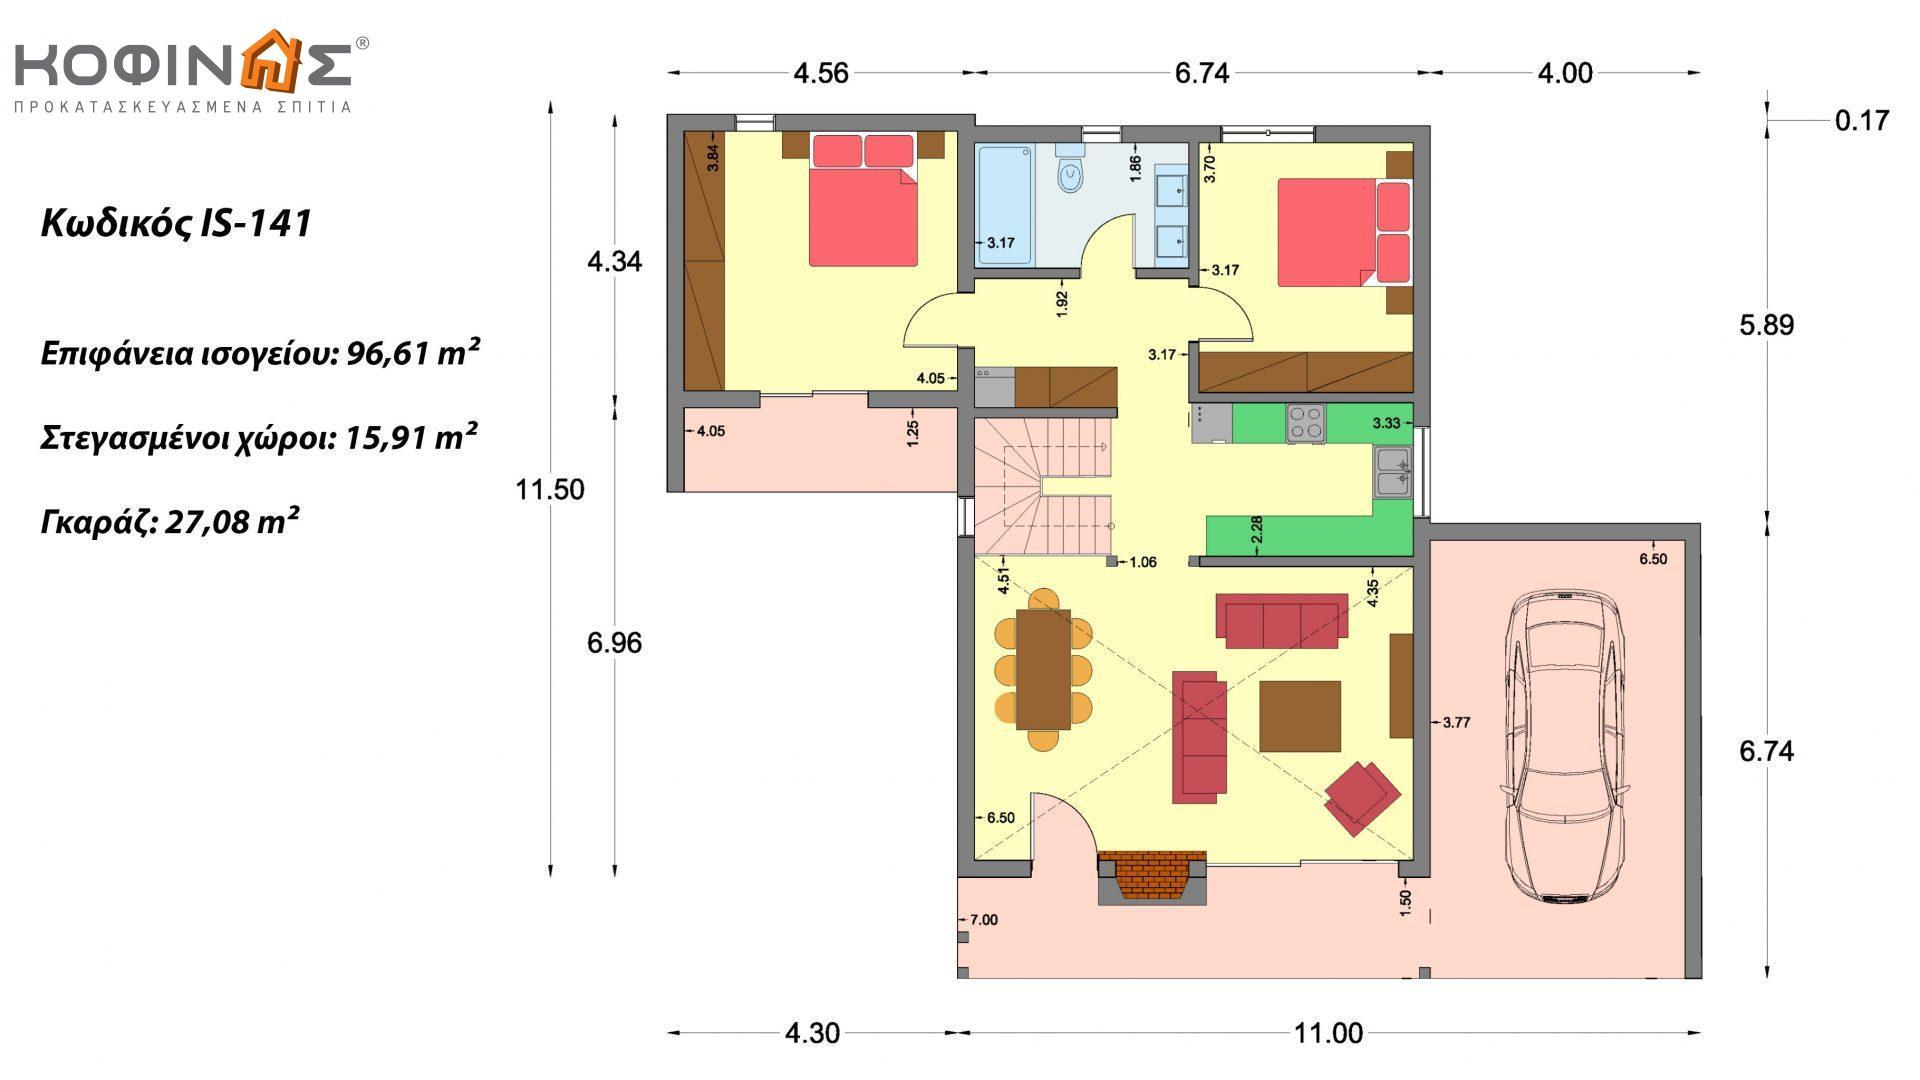 Ισόγεια Κατοικία με Σοφίτα IS-141, συνολικής επιφάνειας 141,95 τ.μ. ,συνολική επιφάνεια στεγασμένων χώρων 15.91 τ.μ.